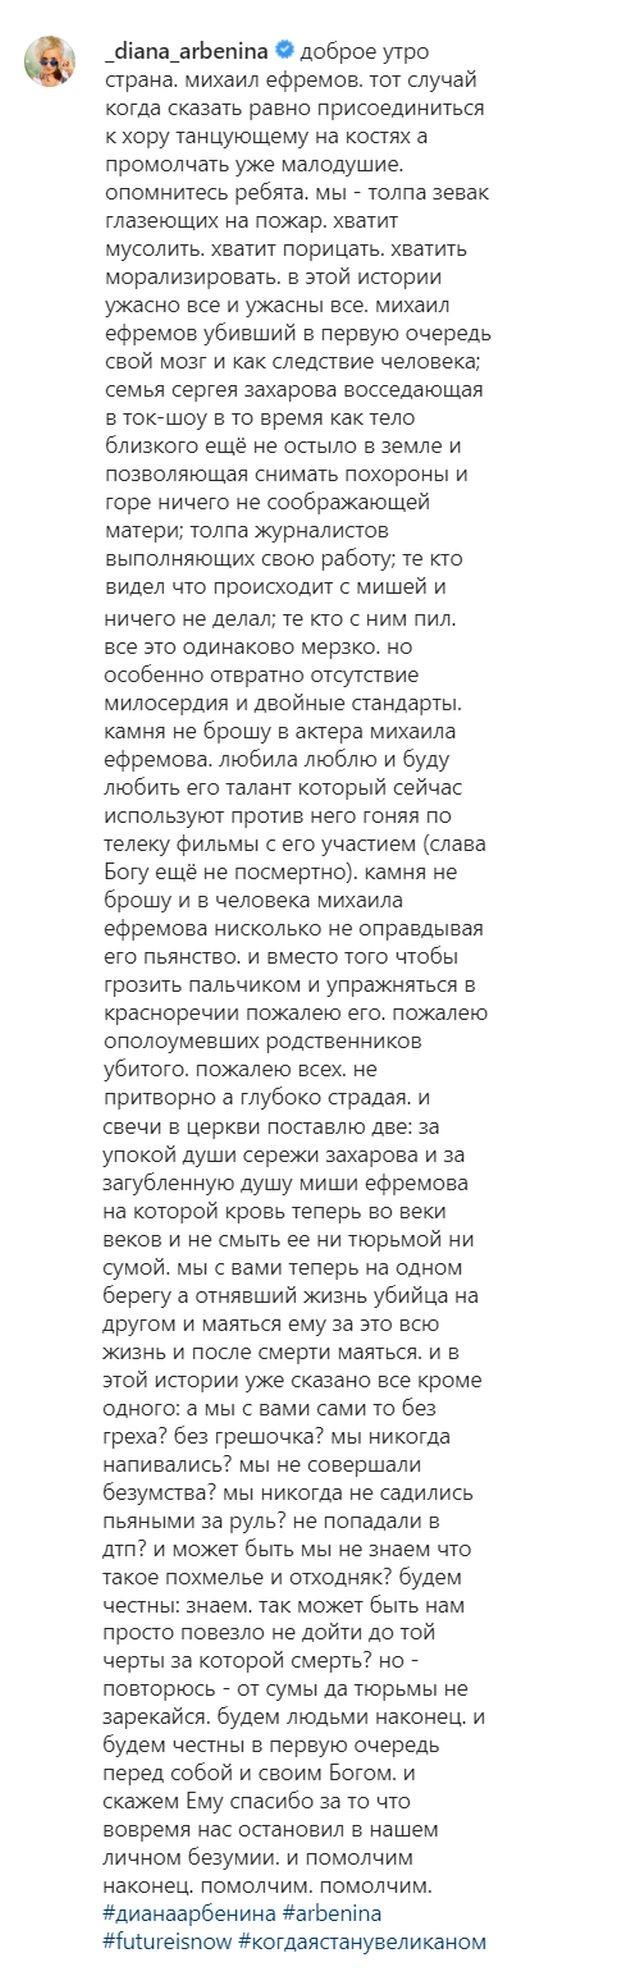 Диана Арбенина написала пост, посвященный Михаилу Ефремову (2 фото)